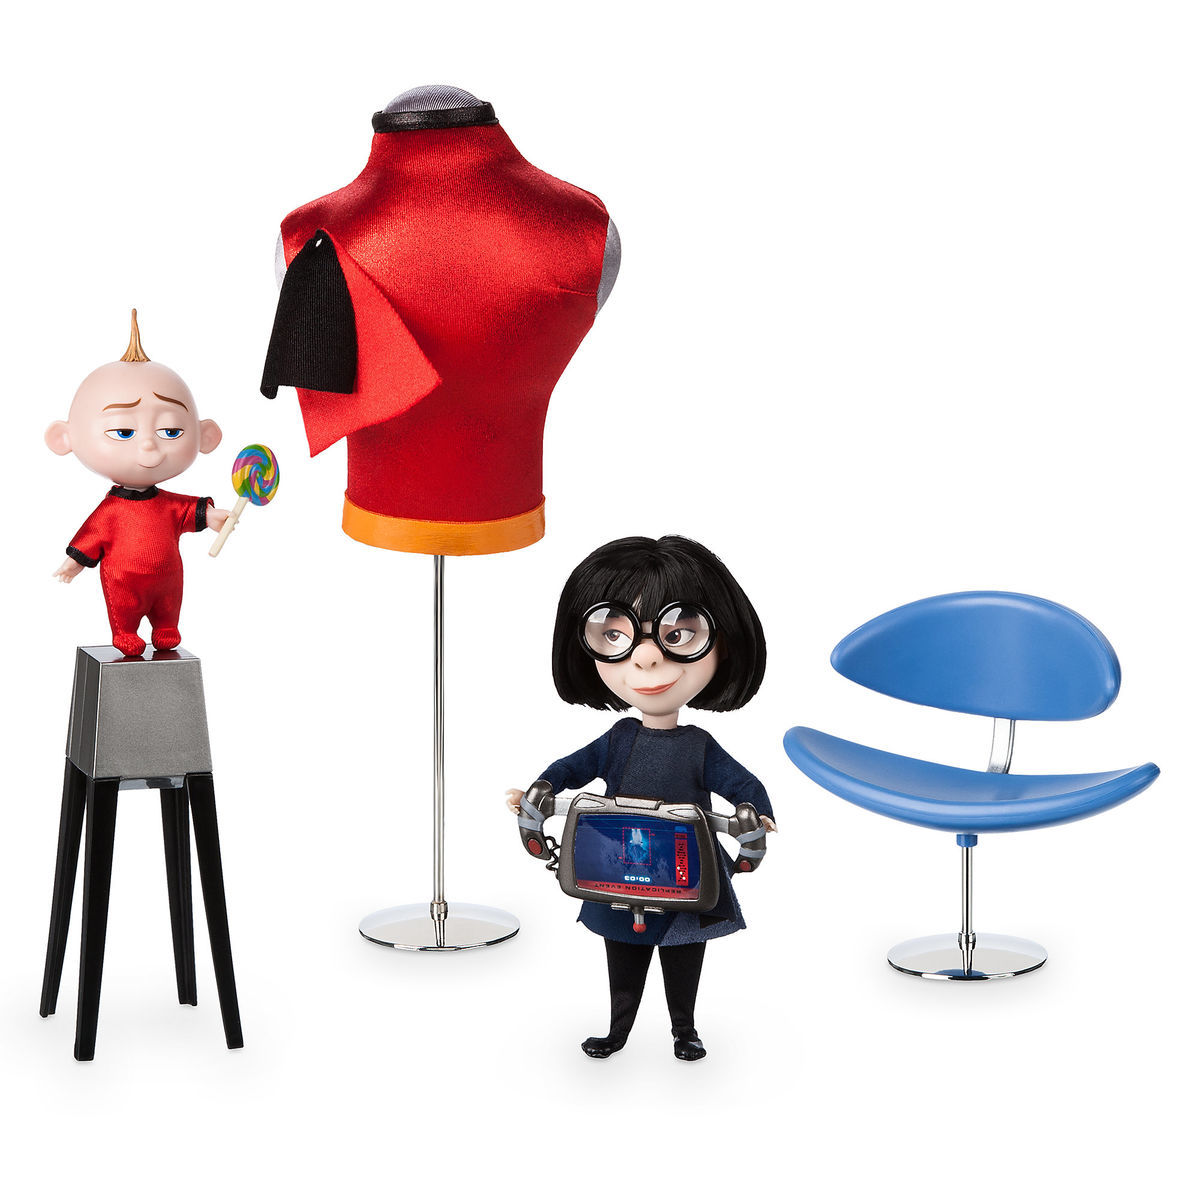 Incredibles 2 Edna Mode And Jack Jack Disney Designer Collection Doll Set Out Now Diskingdom Com Disney Marvel Star Wars Merchandise News